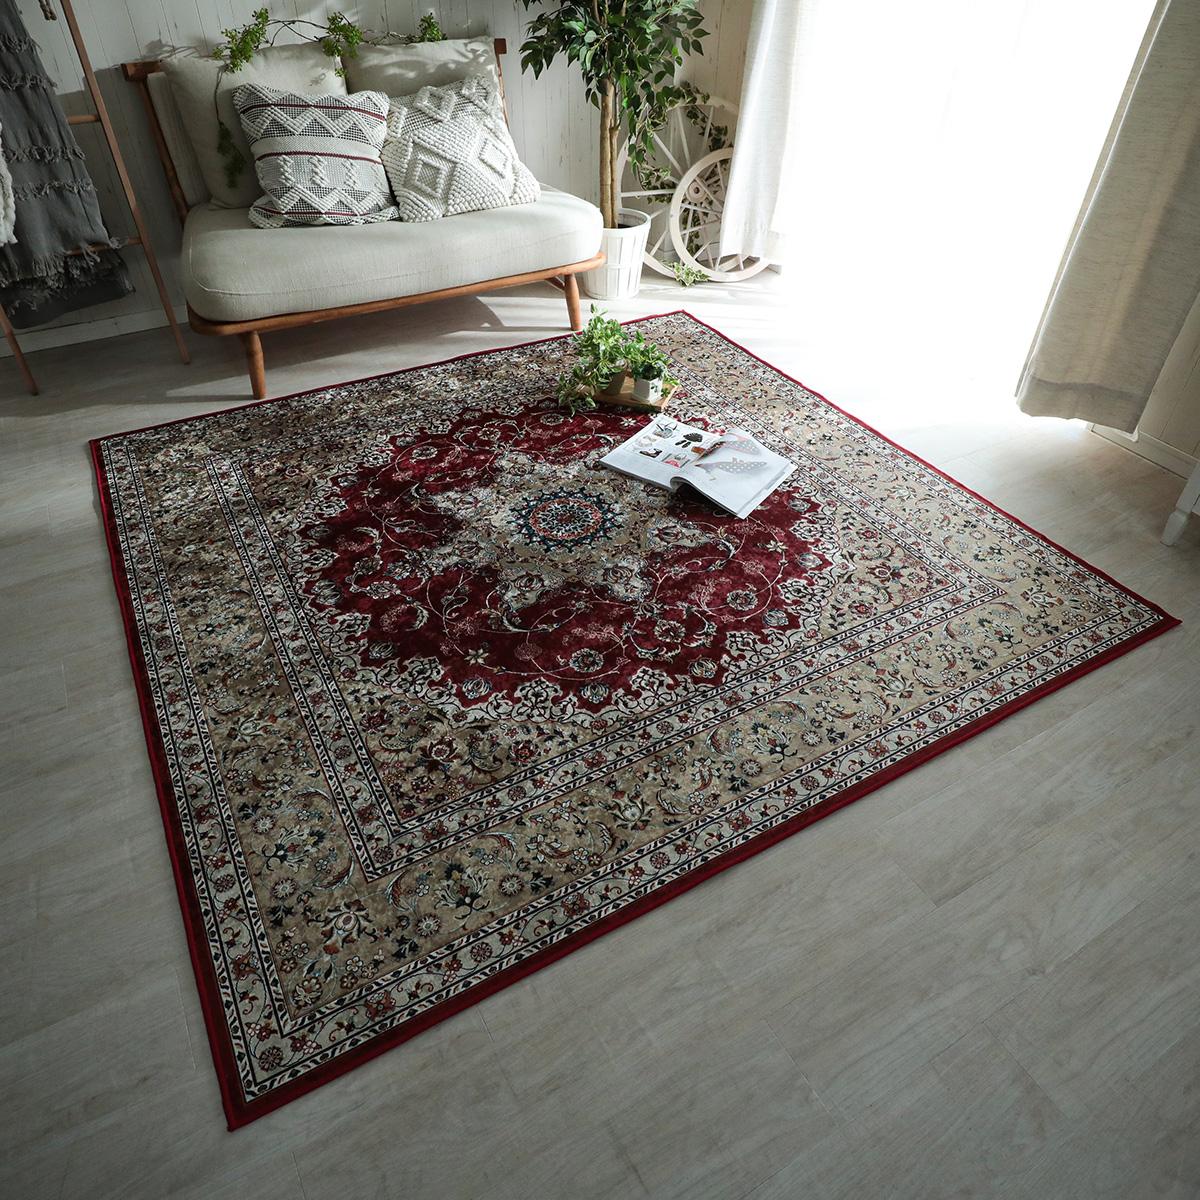 洗濯機で洗えるペルシャ絨毯風ラグ レッド 約190x190cm